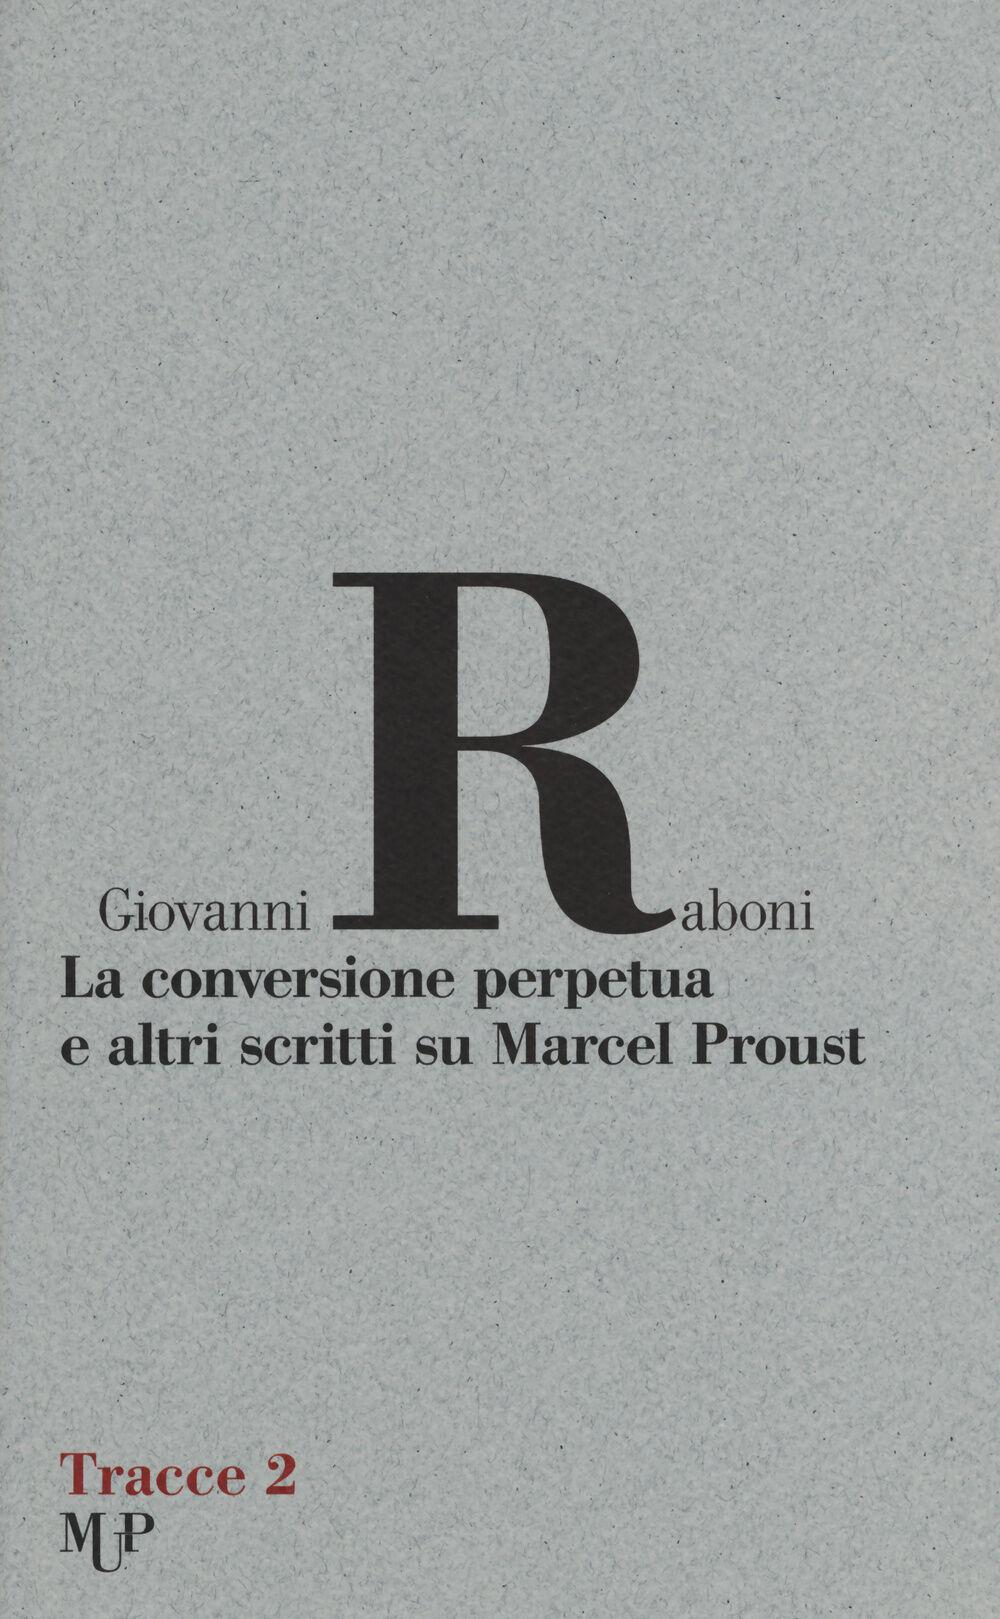 La conversione perpetua e altri scritti su Marcel Proust